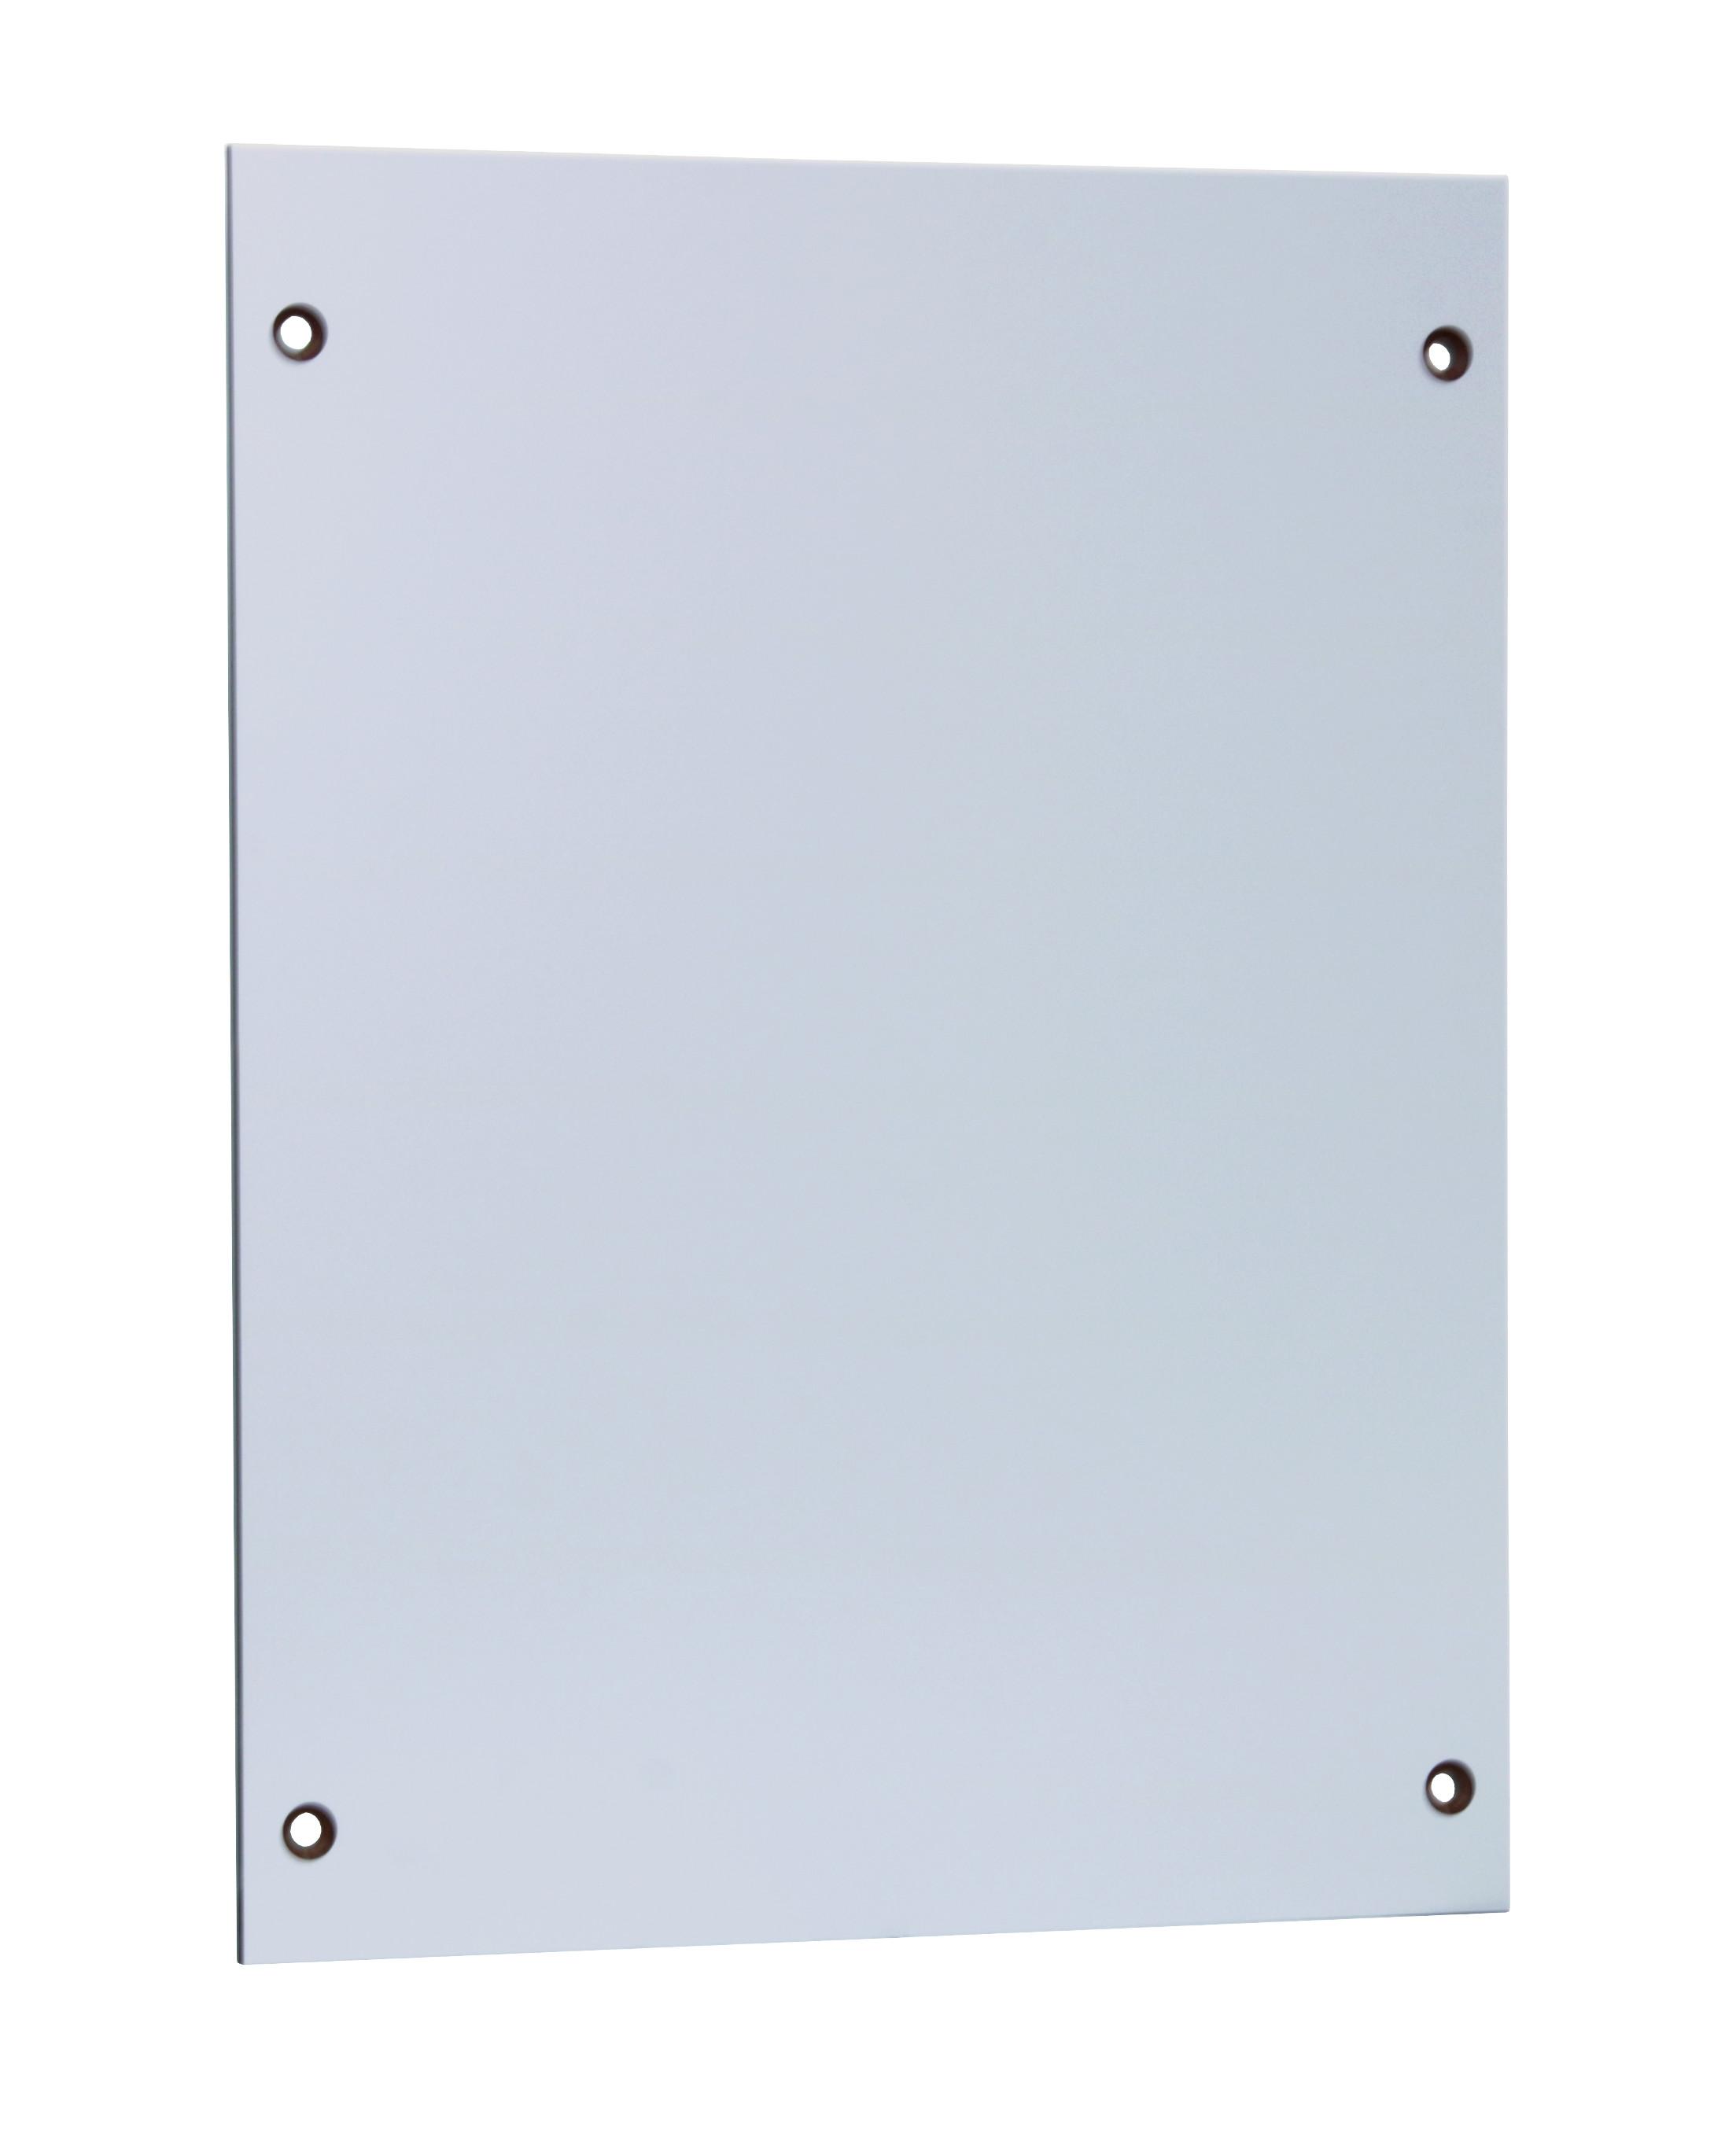 1 Stk Montageplatte für IG008201, 380x780x6mm IG008221--